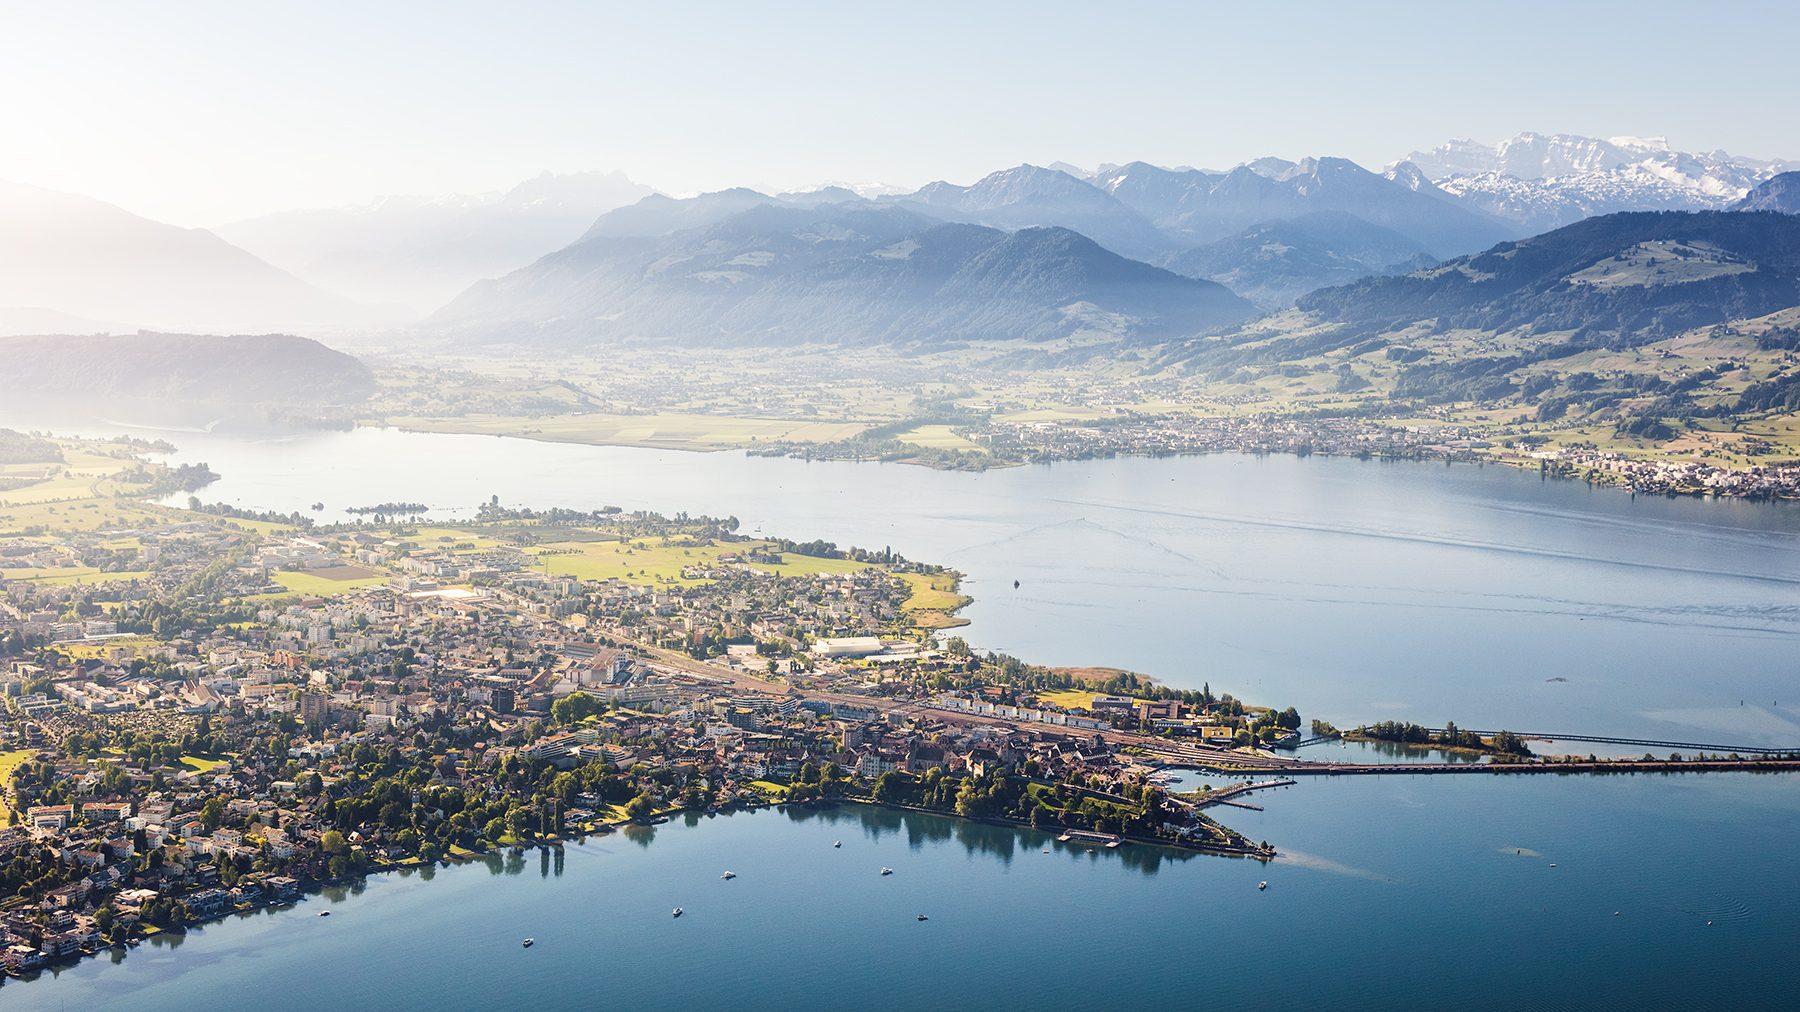 Luftaufnahme mit Helikopter hoch über Rapperswil-Jona mit Blick auf Rapperswil, Schloss, Hafen, Damm, Zürichsee, Obersee, Lachen, Nullen, Linthebene und Glarneralpen © Gerry Pacher